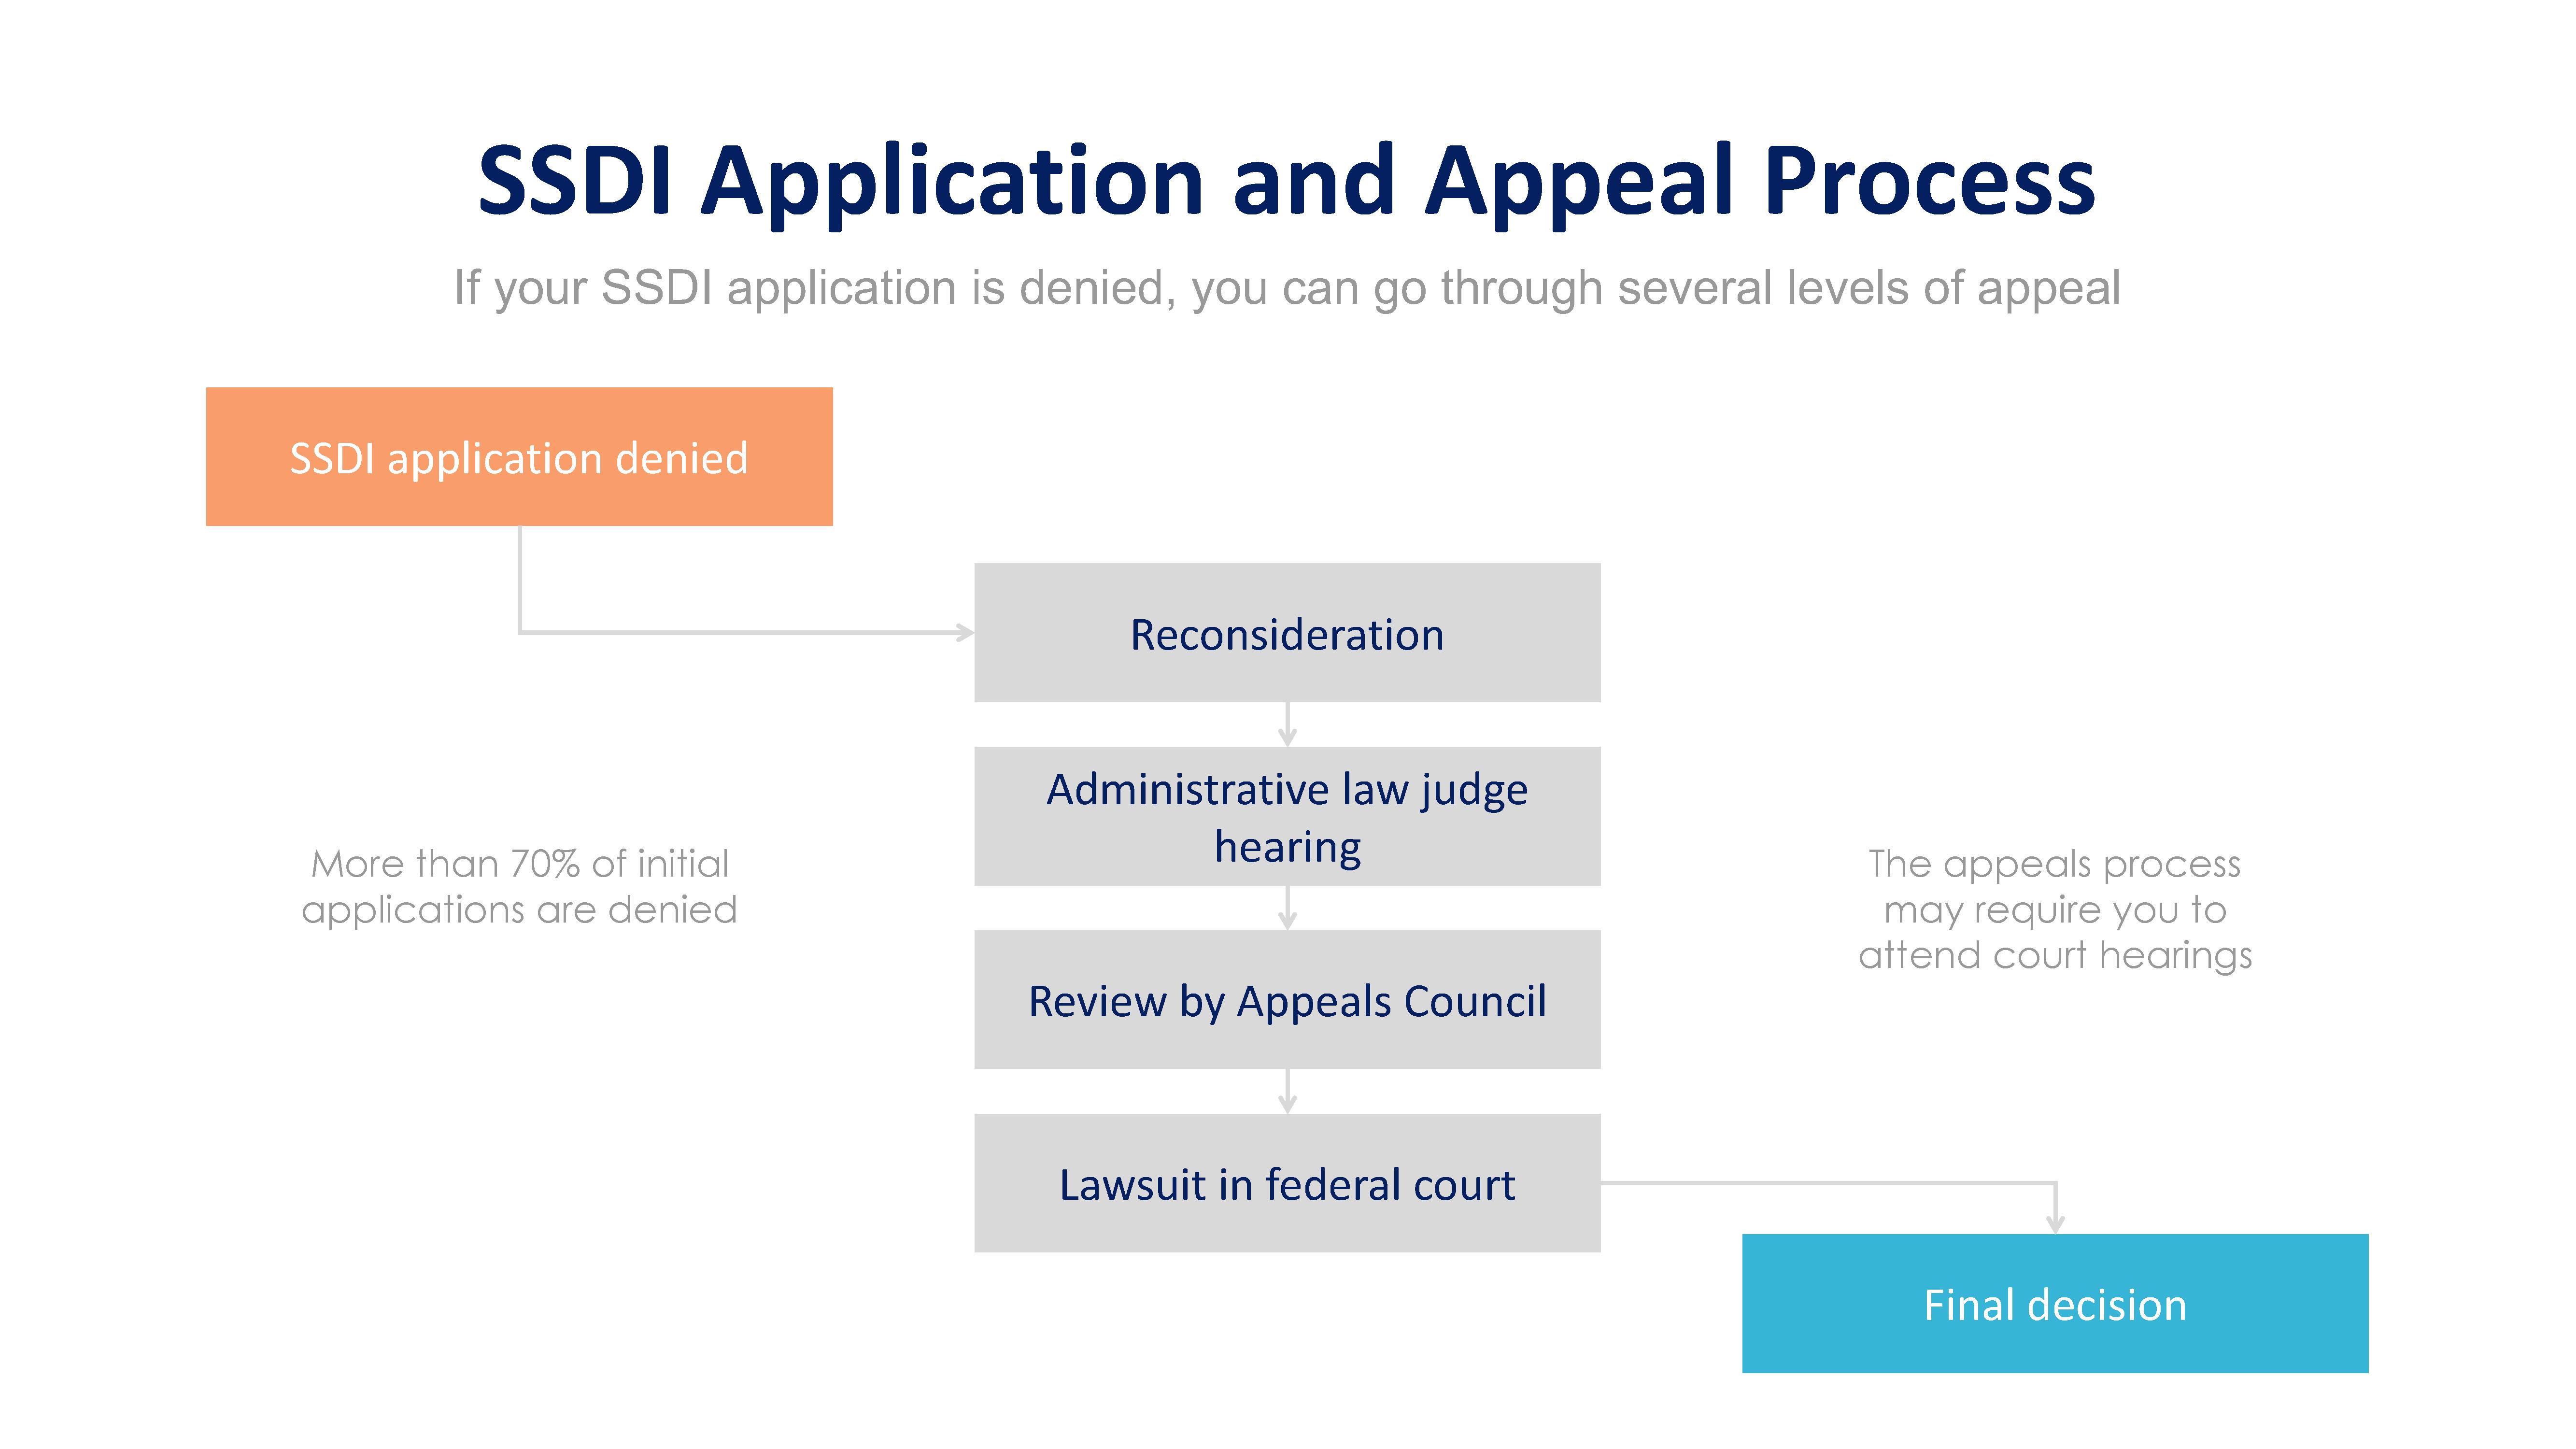 Flow chart of SSDI applciation process